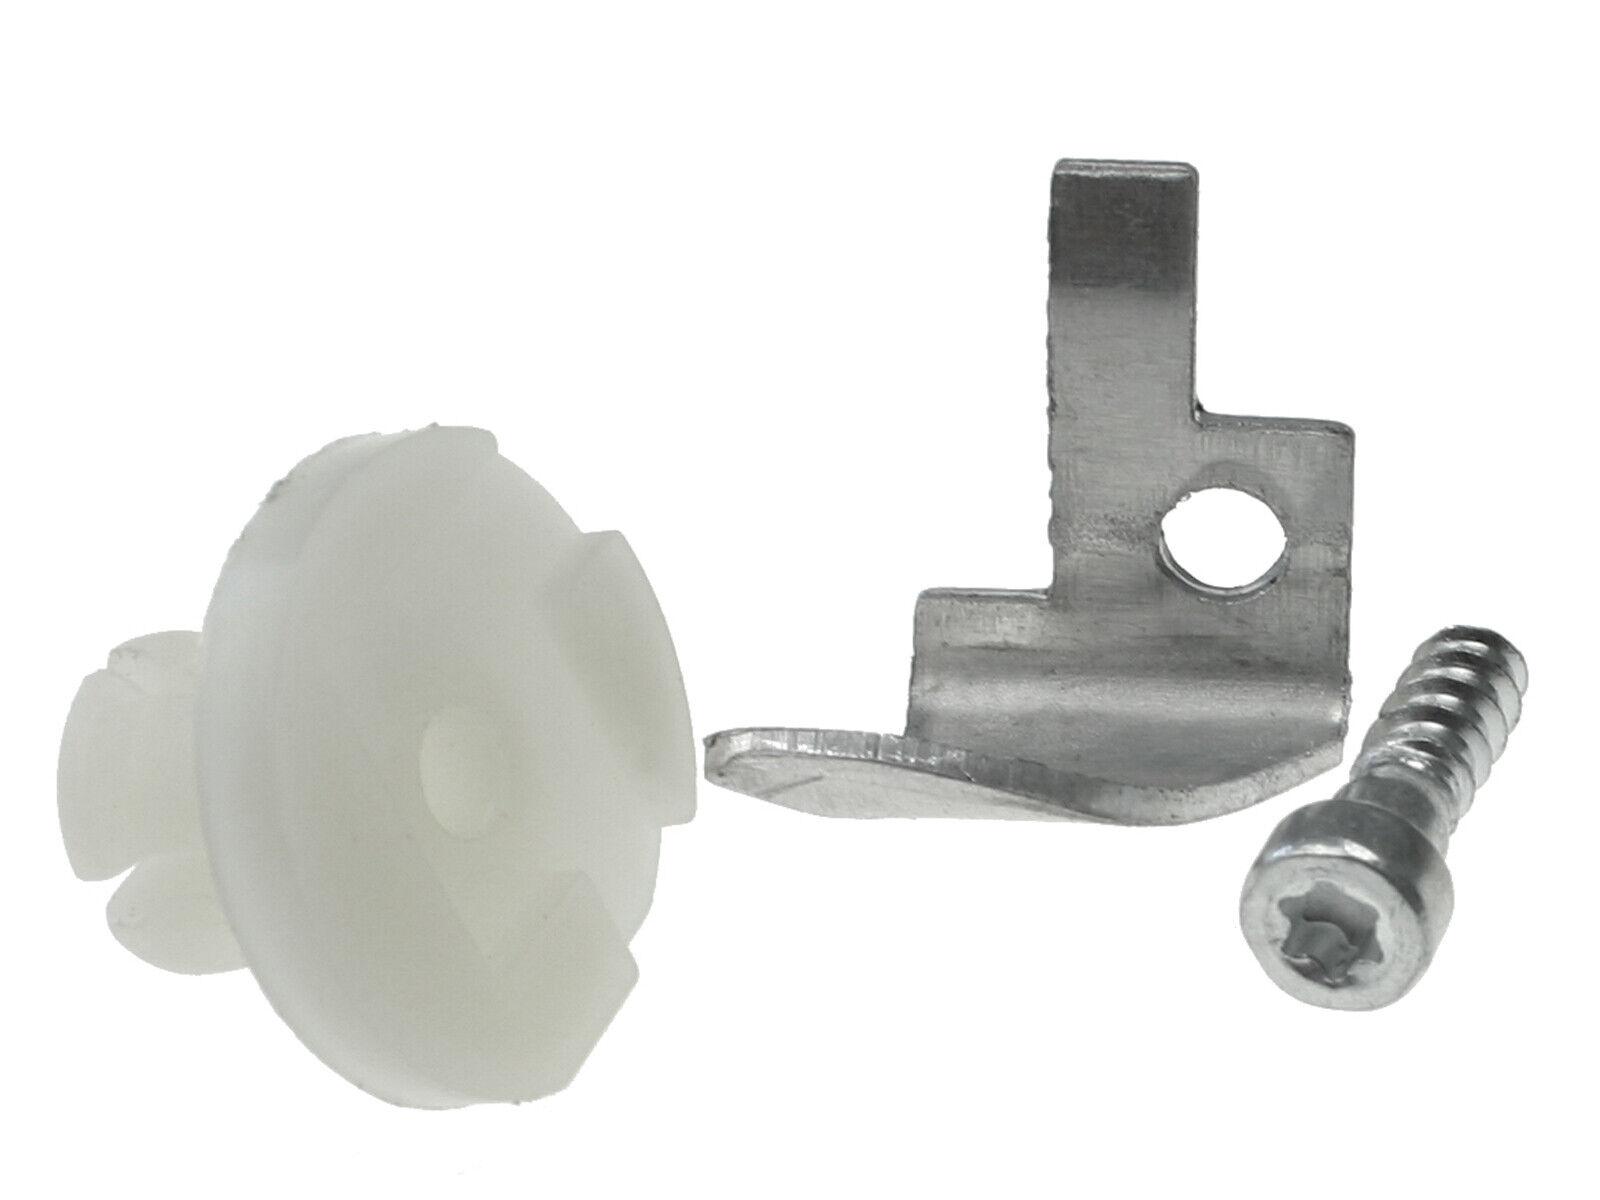 Schraube 6,3mm x 18mm selbstschneidend passend für Stihl 046 AV MS460  screw